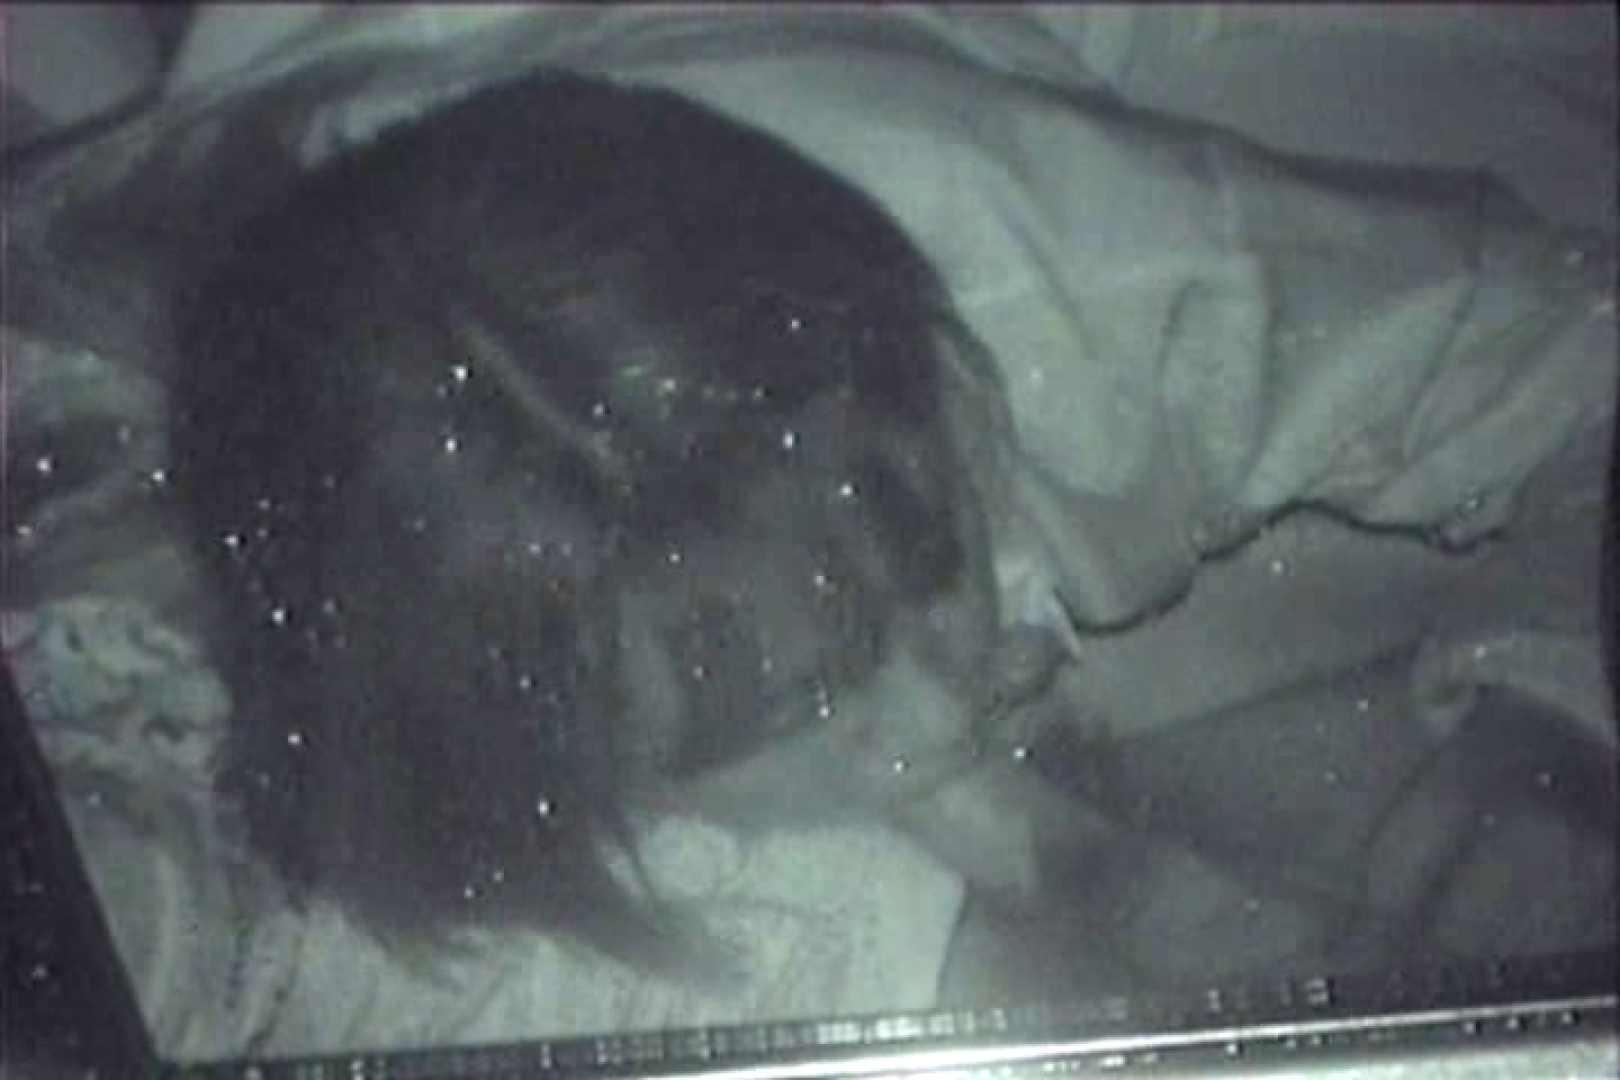 車の中はラブホテル 無修正版  Vol.21 ホテル 盗撮AV動画キャプチャ 109画像 64